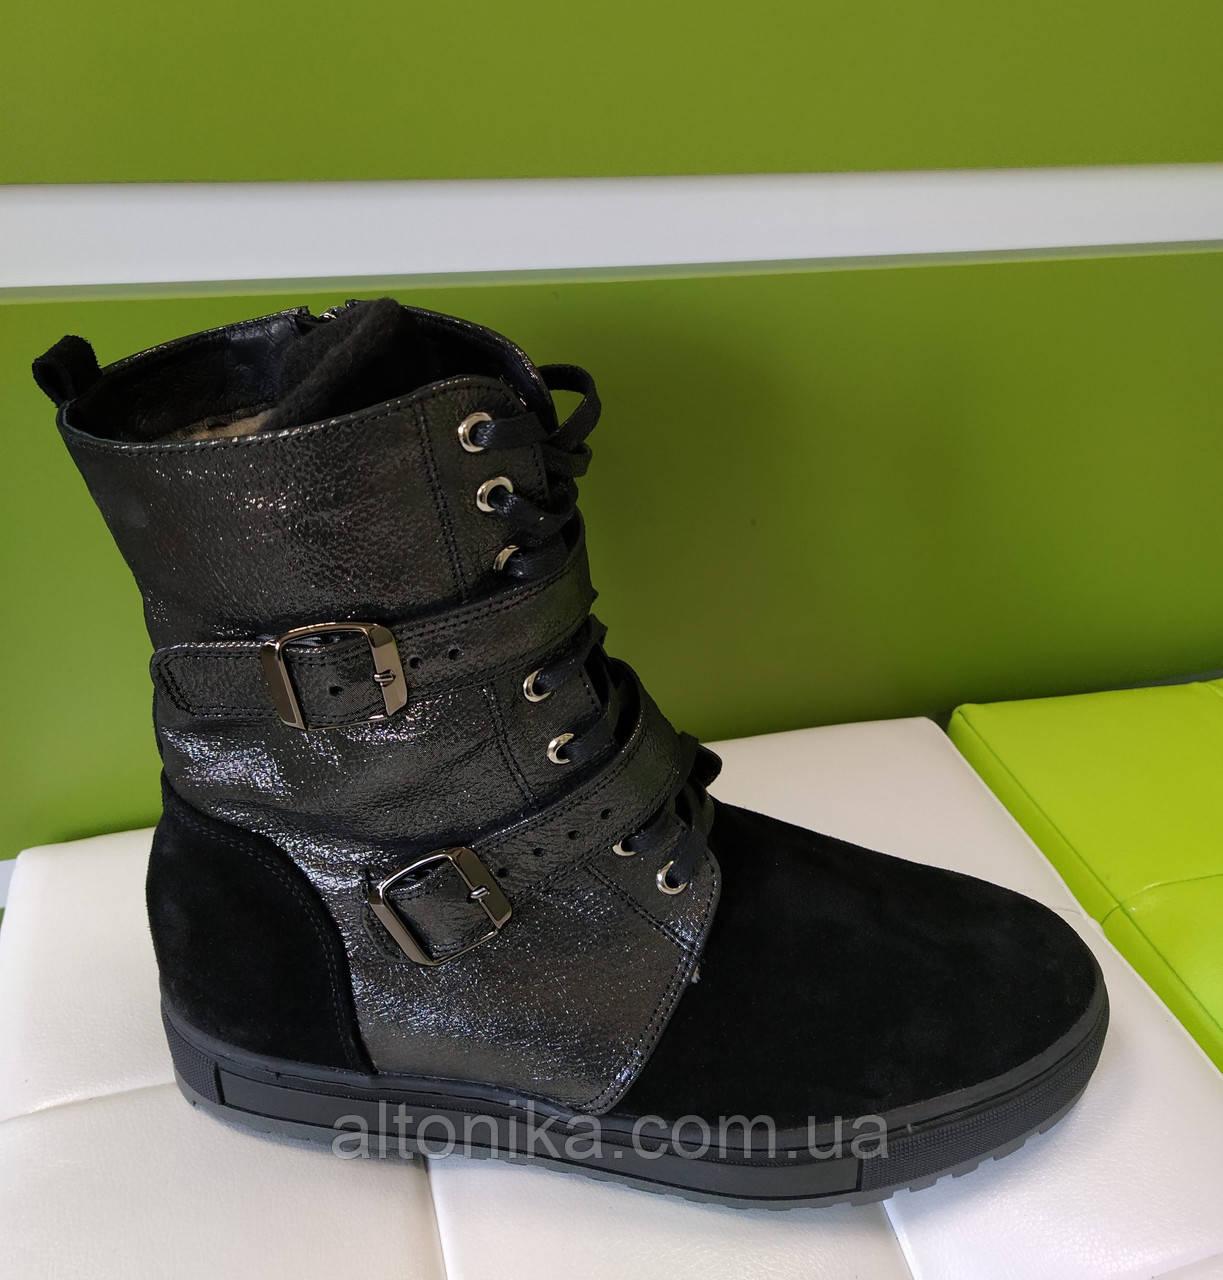 STTOPA 44р зима! Размеры 40-45!Ботинки высокие кожаные больших размеров! С9-31-4045-33-3345